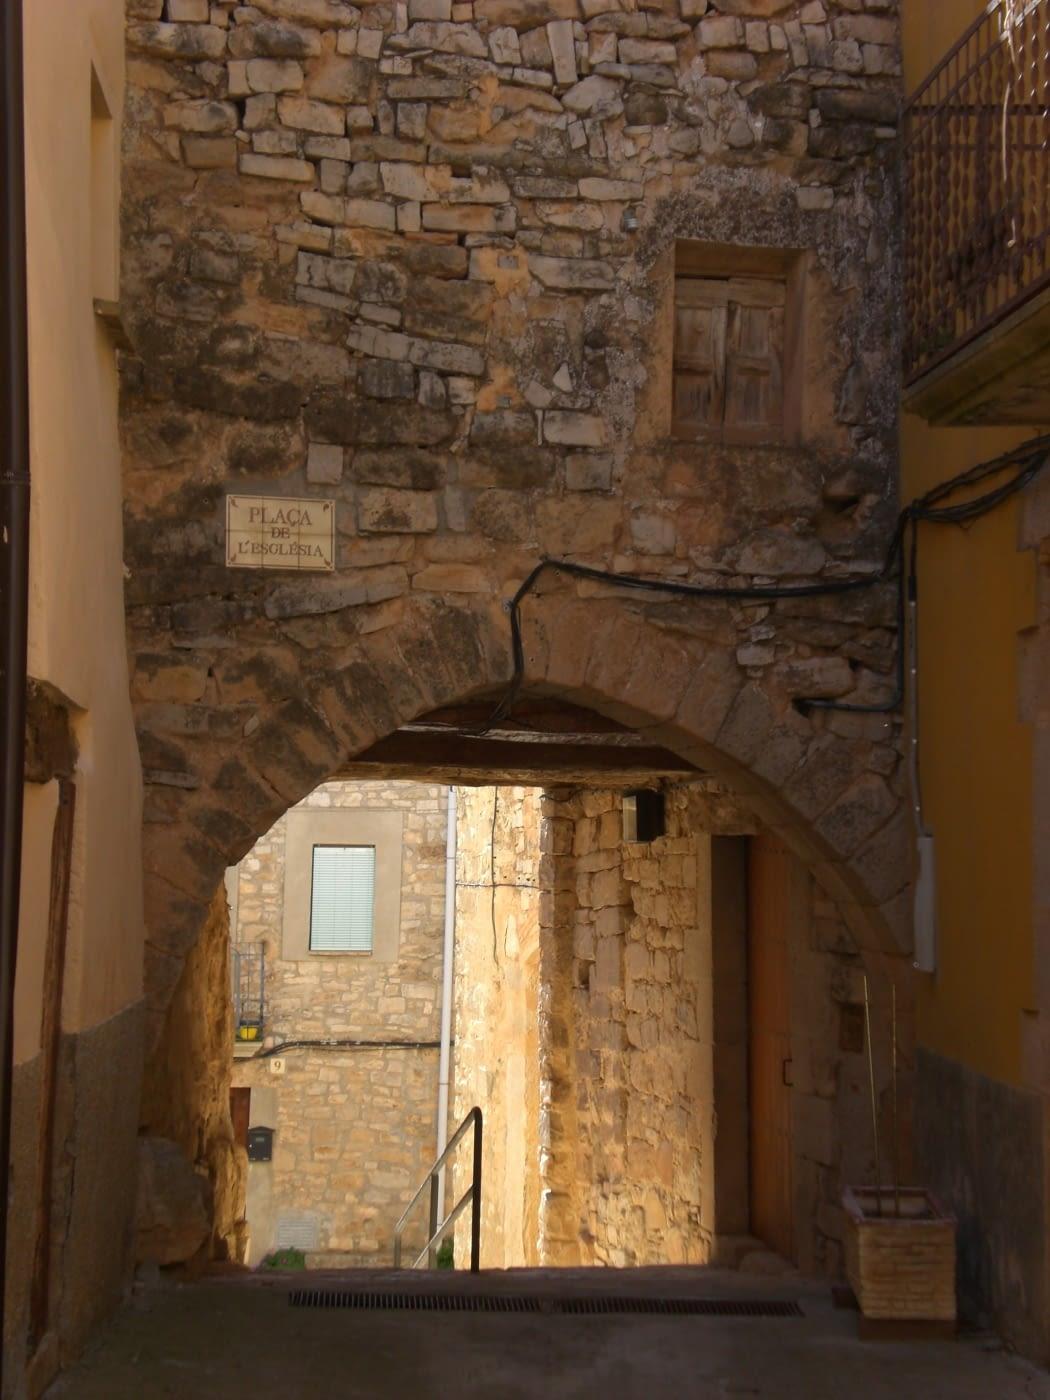 Les Viles Florides de l'Urgell, Rocallaura i Vallbona de les Monges